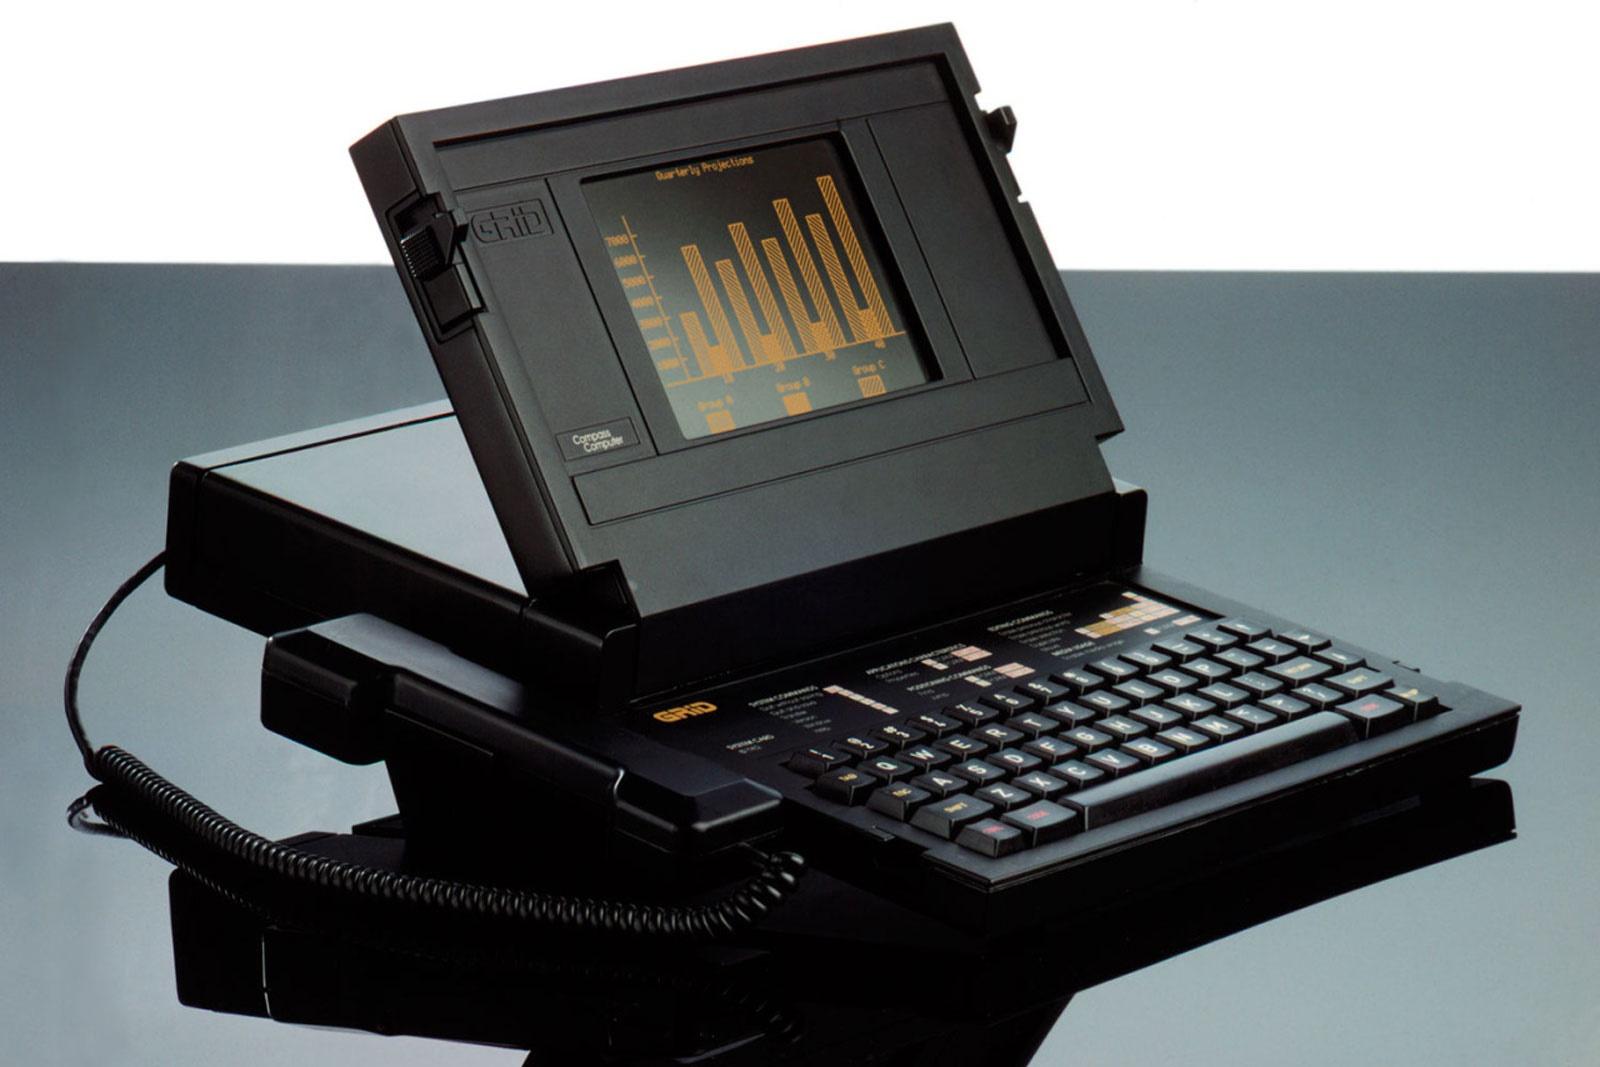 دنیای کامپیوتر یکی از بزرگان خود را از دست داد / درگذشت جان آلن به ای در 75 سالگی